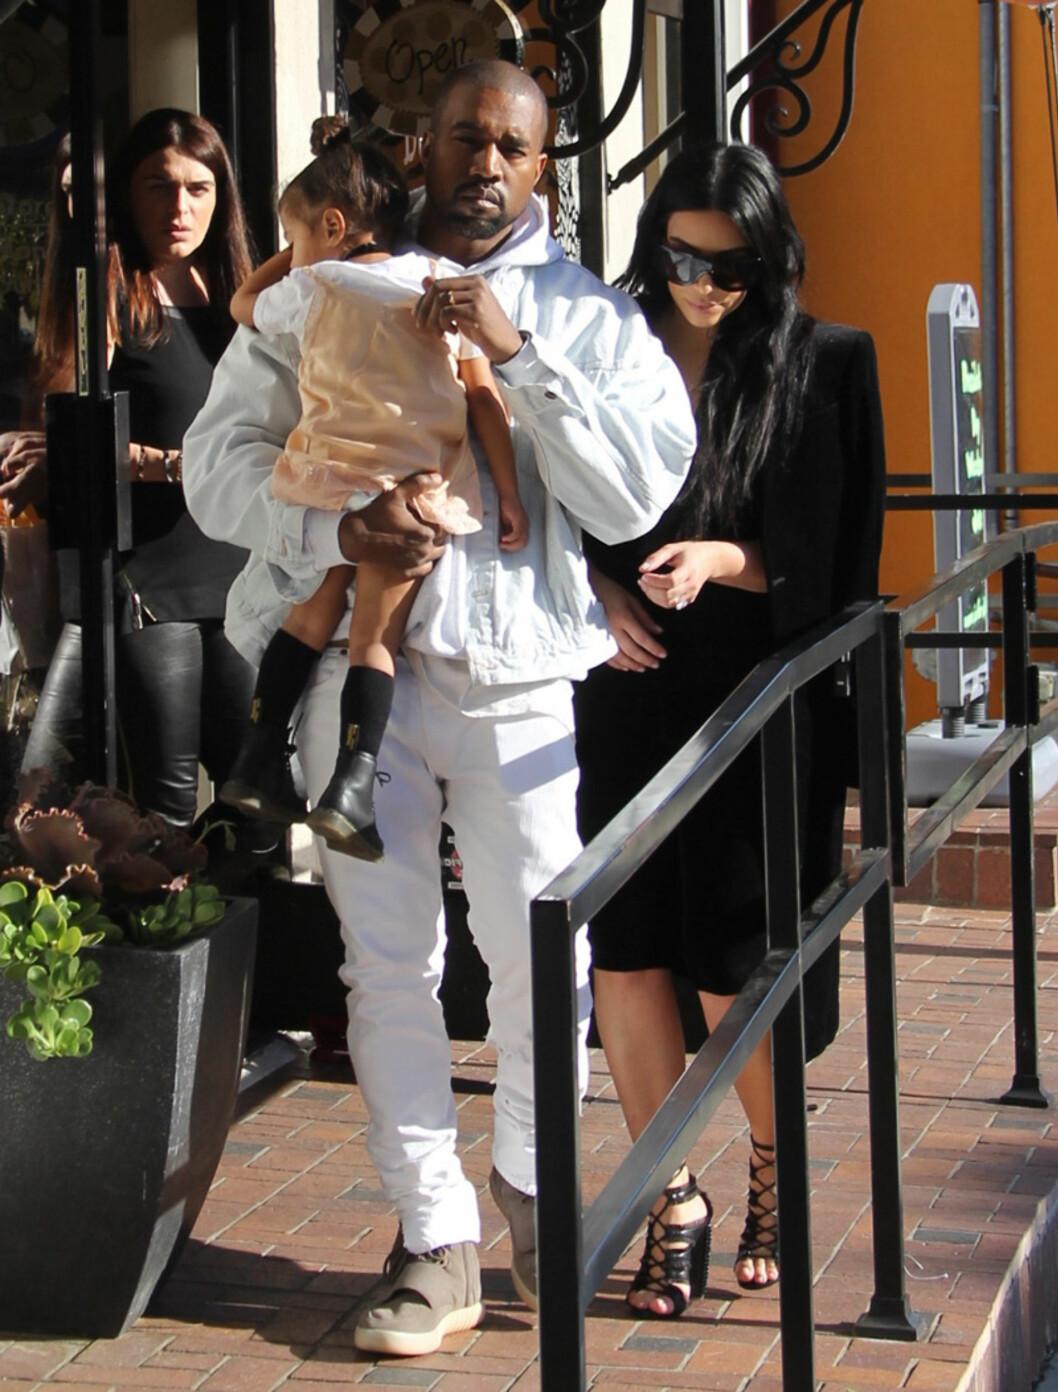 PÅ PAPPAS ARM: Kanye West prøver å gi sin kone en hjelpende hånd og alenetid med sønnen, ved å invitere North med på middagsdater.  Foto: wenn.com